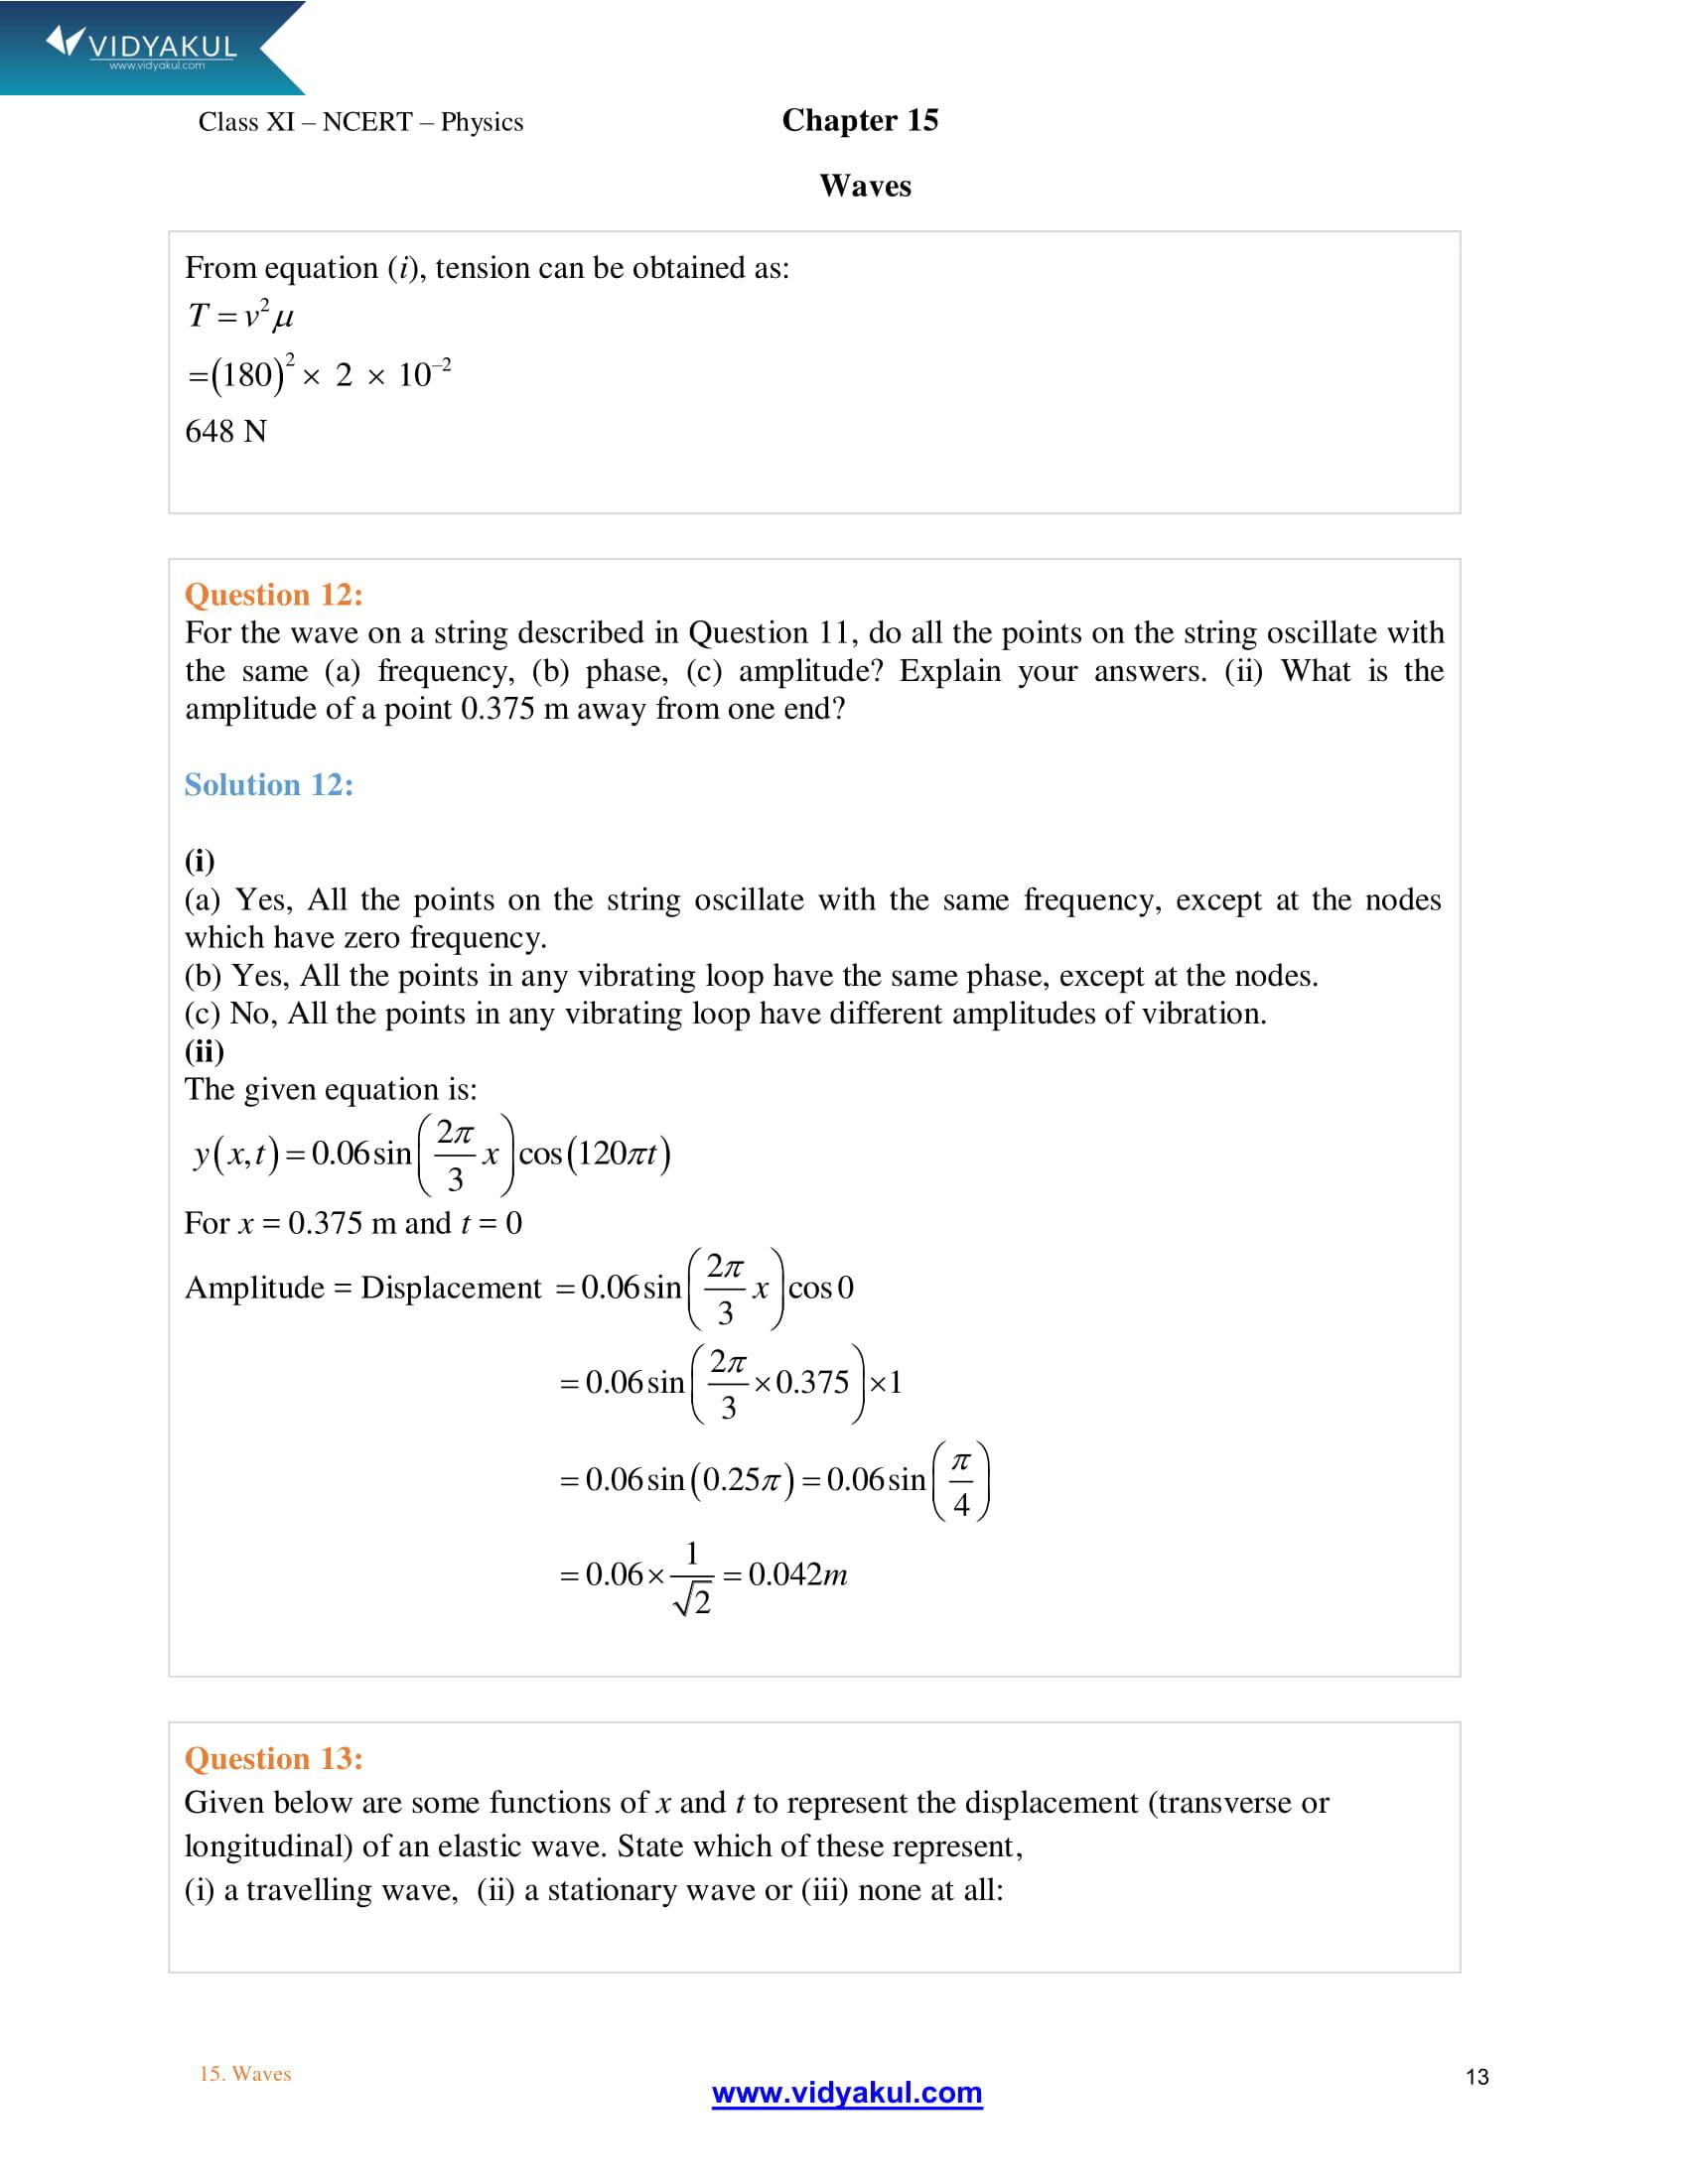 NCERT Solutions Class 11 Physics Chapter 15 | Vidyakul